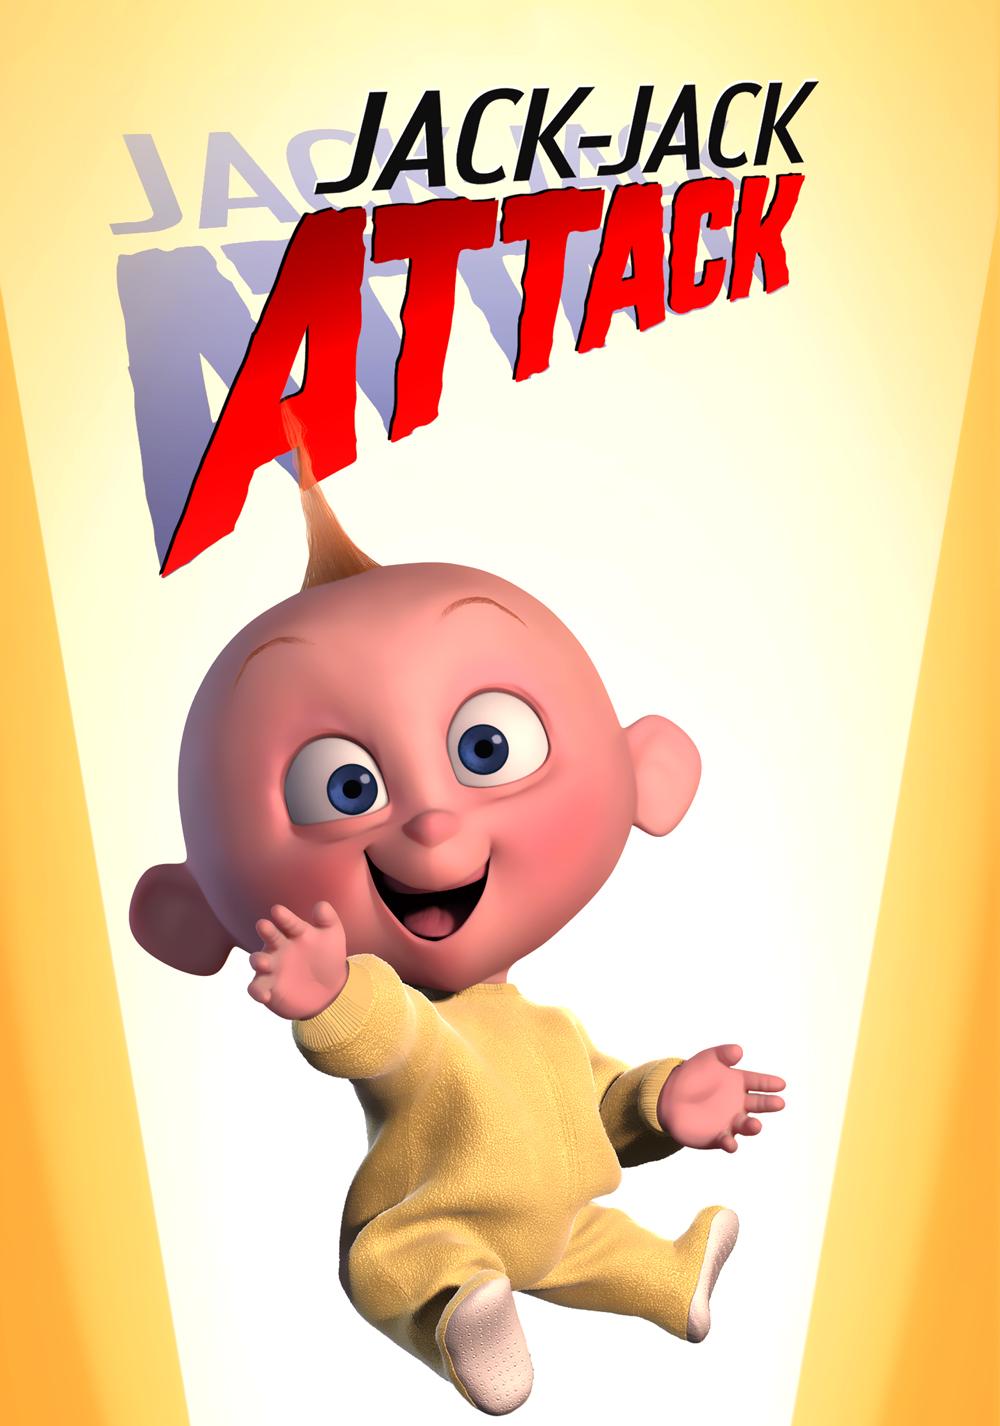 pixar disney affiche poster baby-sitting jack-jack attack